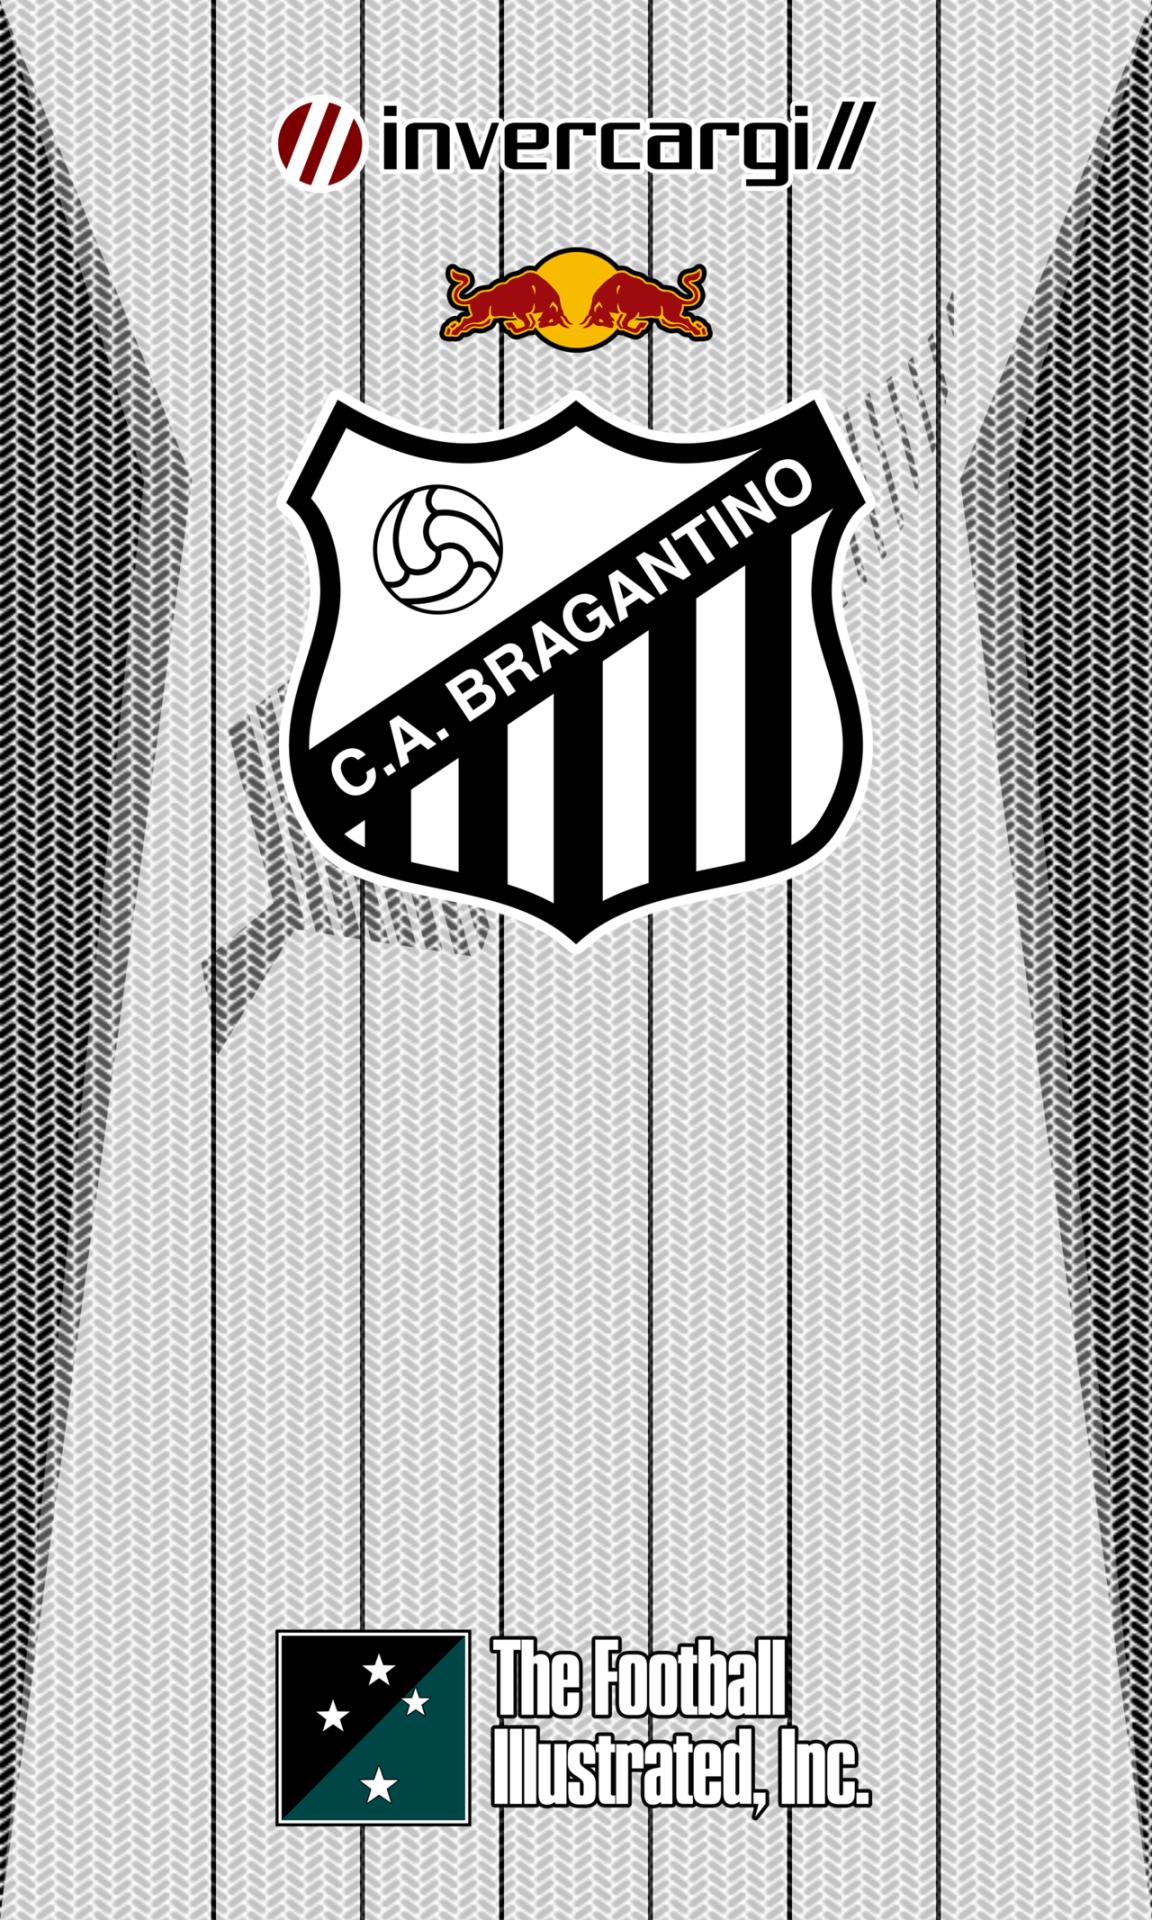 Wallpaper Exclusivo Do Clube Atletico Bragantino Clube Da Cidade De Braganca Paulista Estado De Sao Paulo Brasi Curinga E Arlequina Futebol Brasileiro Ceara